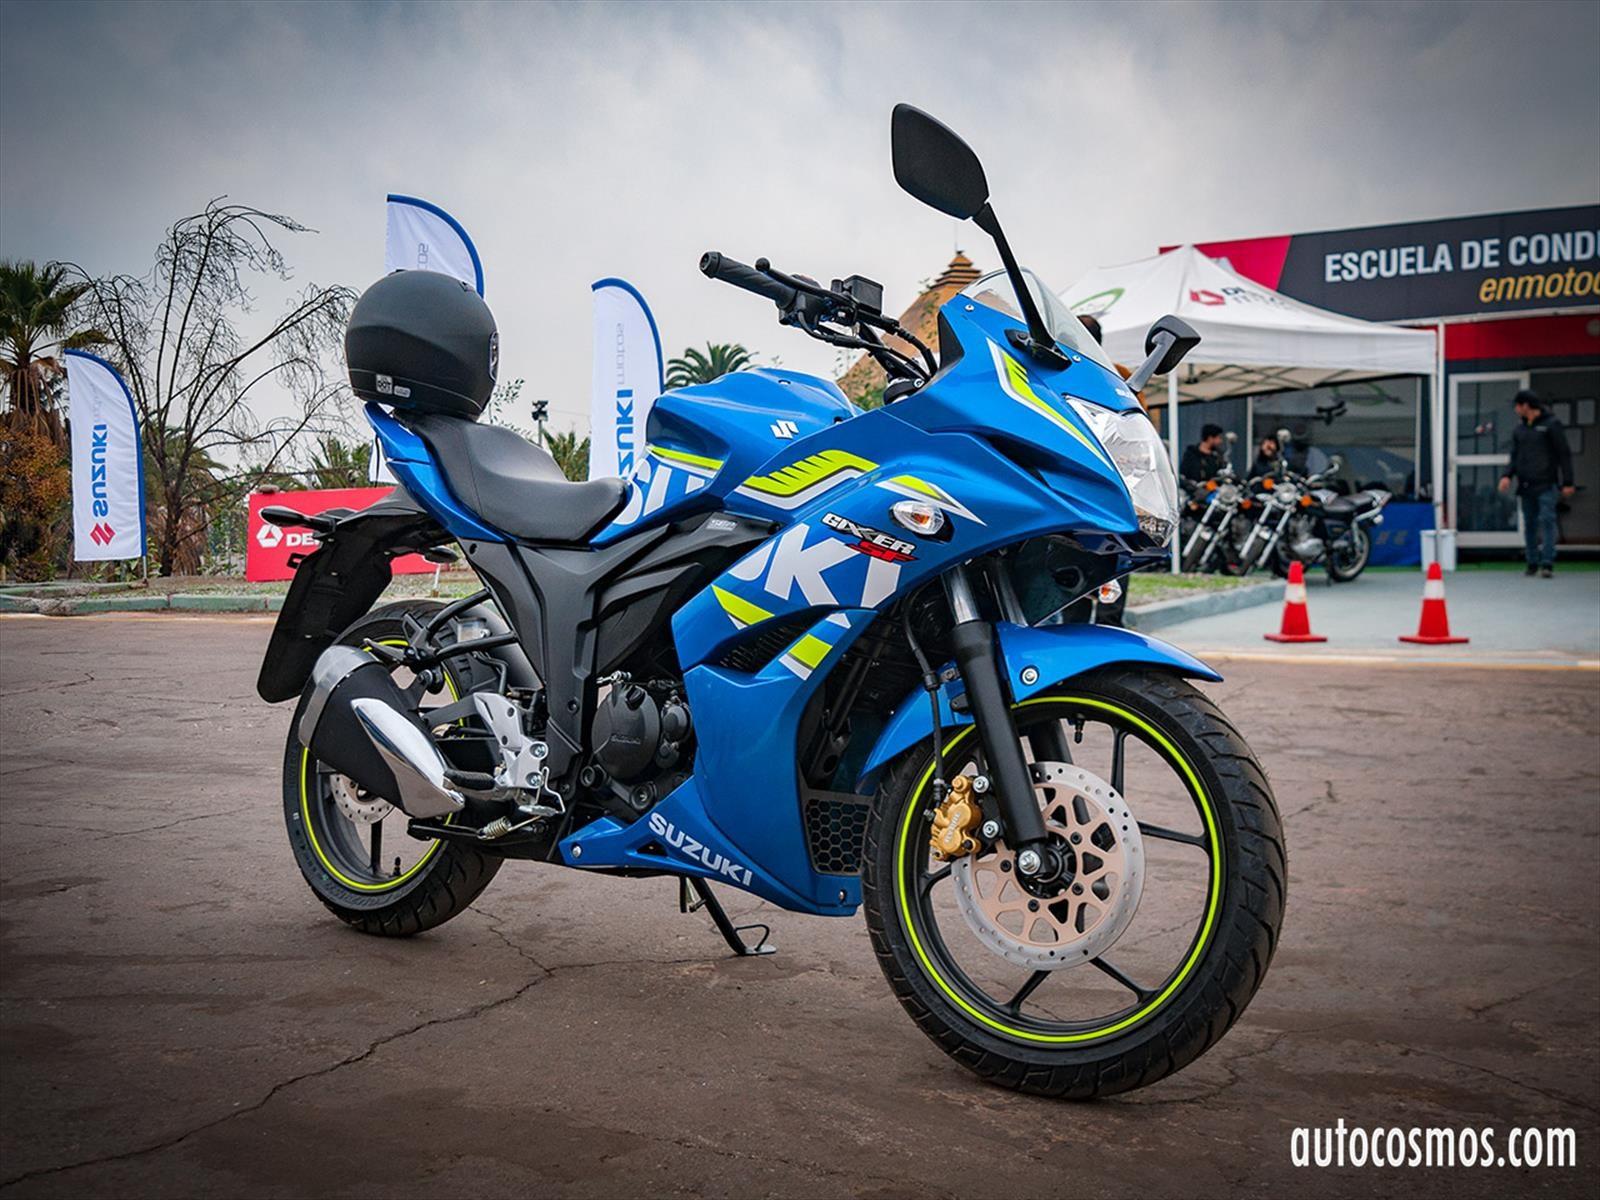 Suzuki Gixxer 2017, ahora con frenos de disco e inyección electrónica por $1.699.900